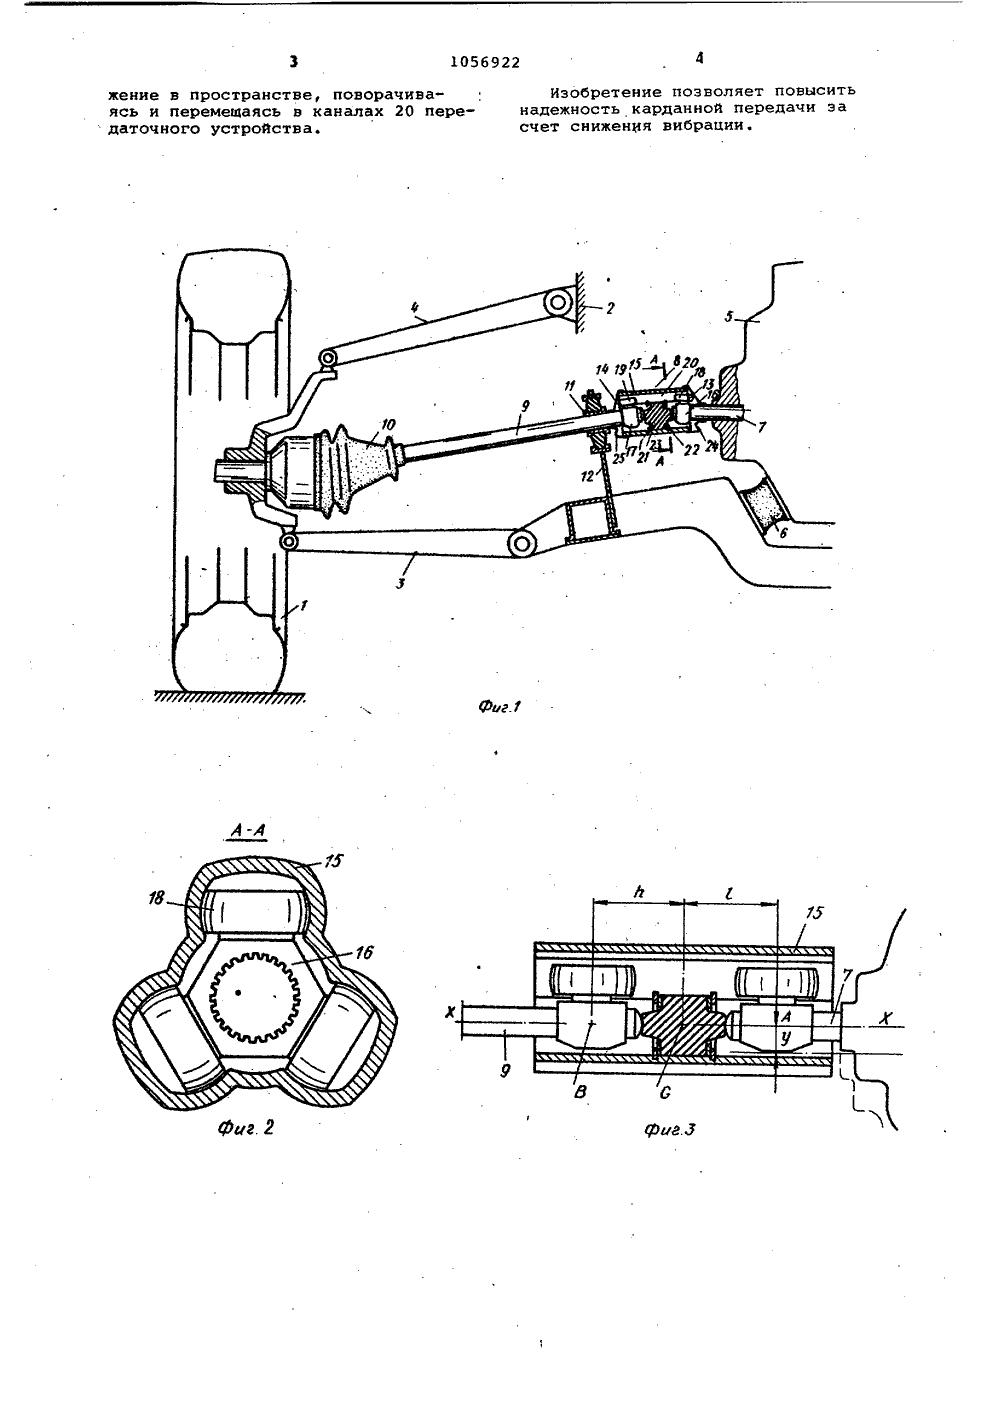 Схема карданной передачи автомобиля